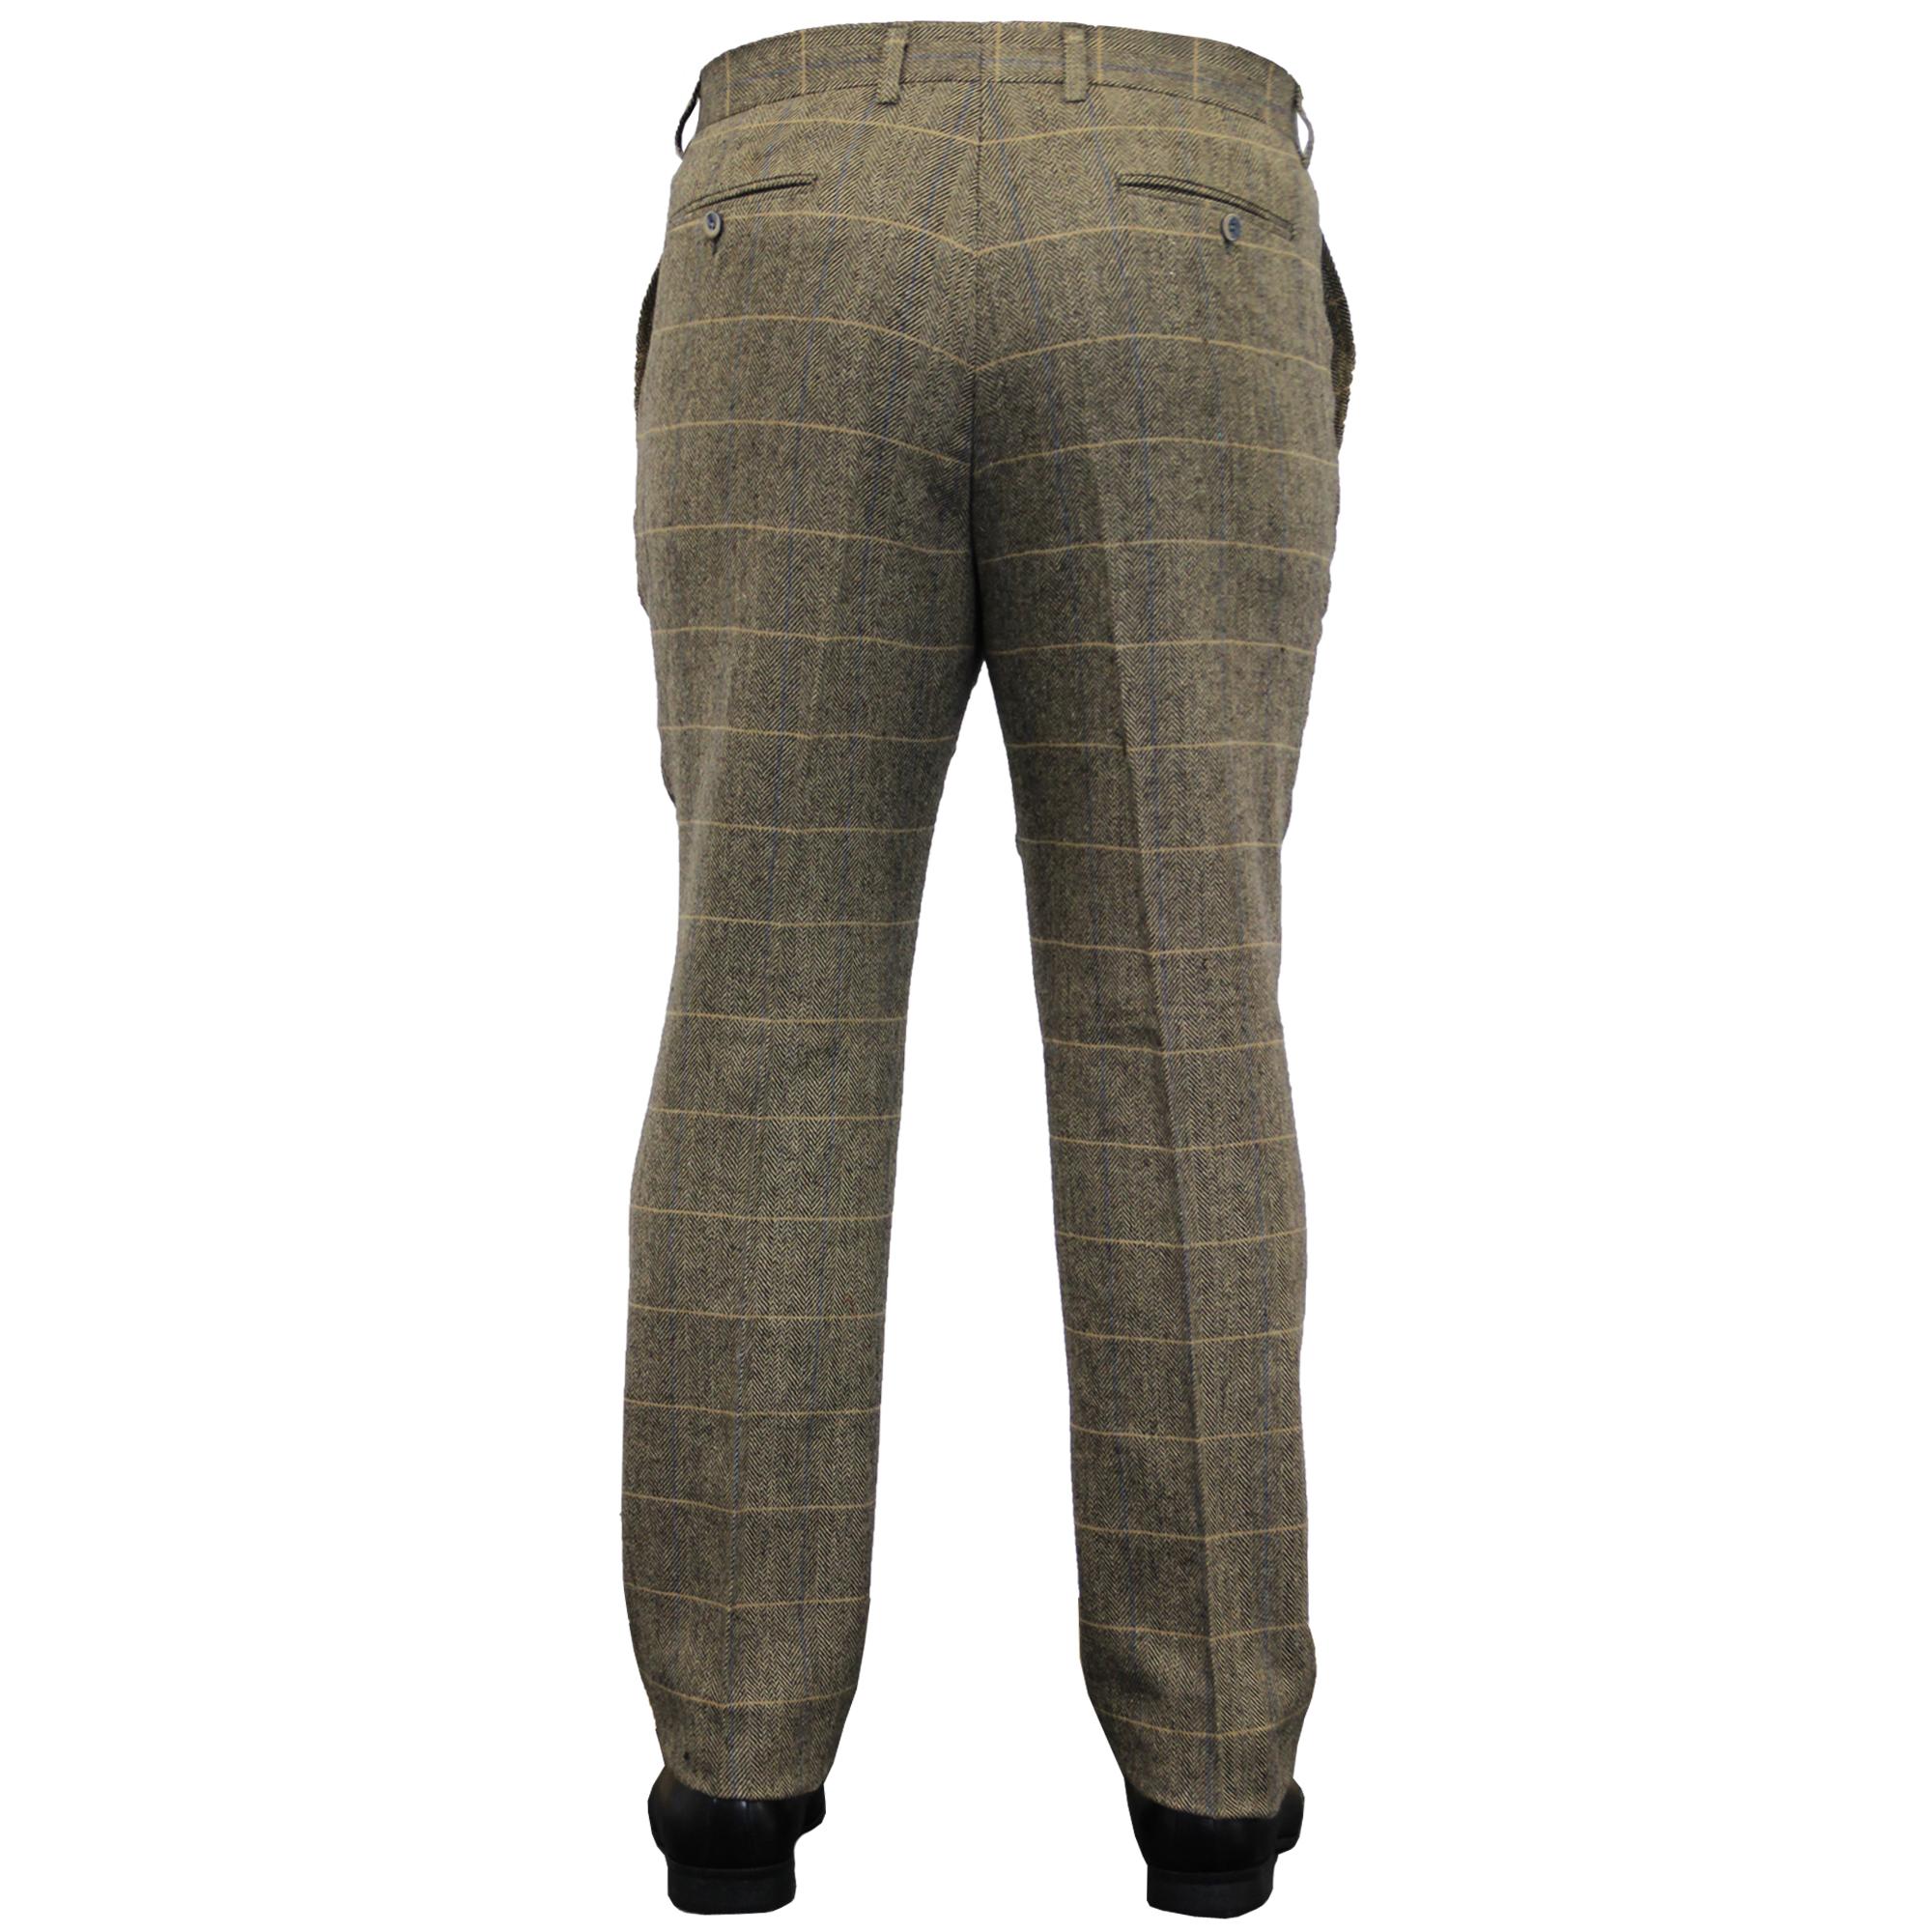 Mens-Wool-Mix-Trousers-Cavani-Tweed-Herringbone-Checked-Pants-Office-Work-New thumbnail 9